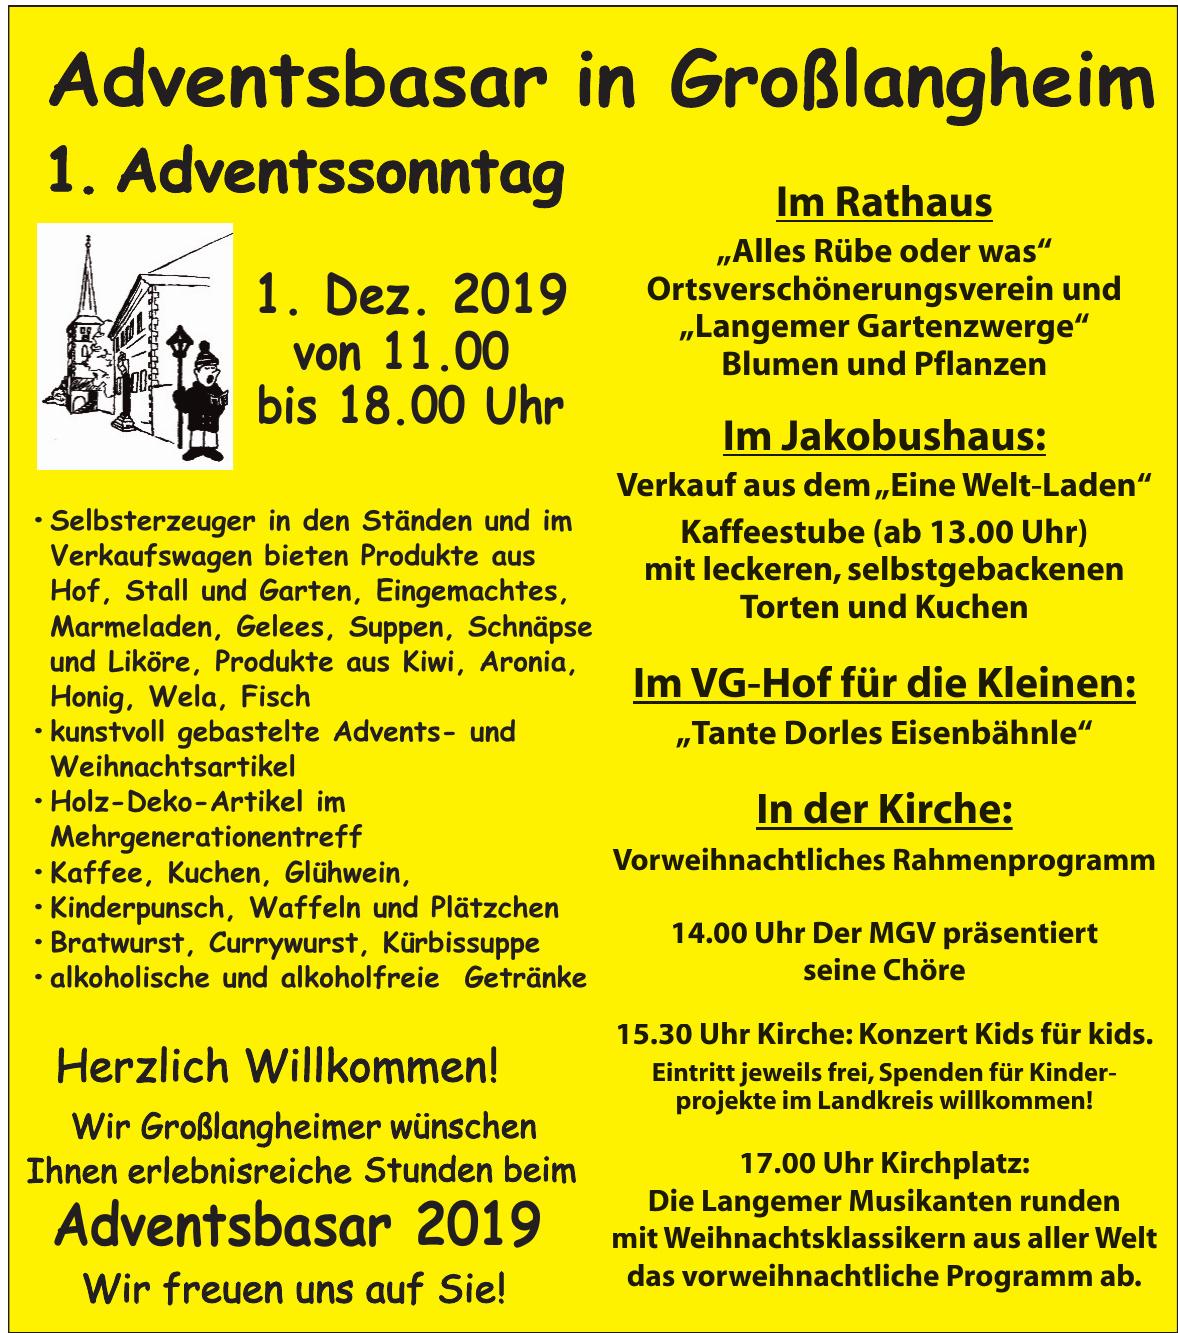 Adventsbasar in Großlangheim